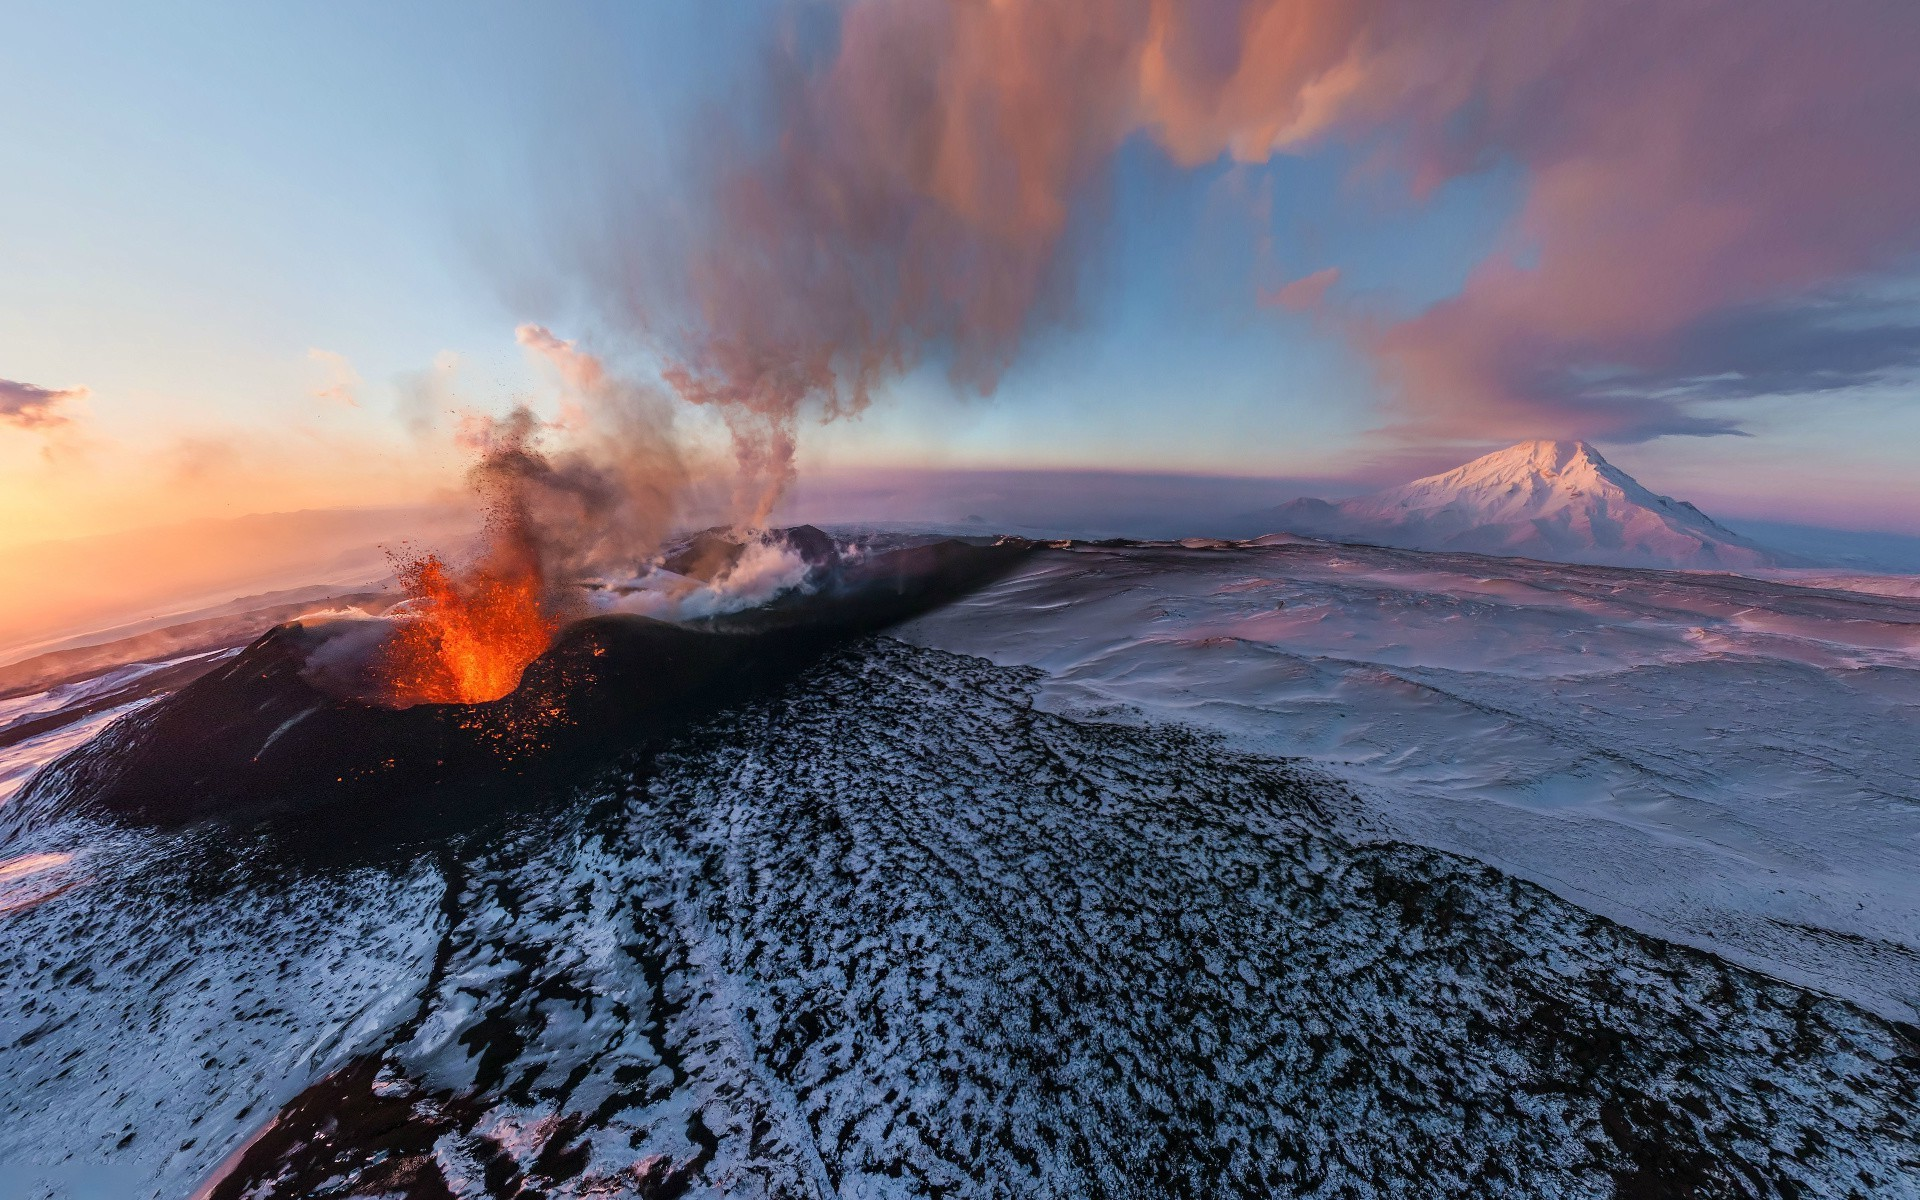 Лава со снегом стекающая с гор без смс